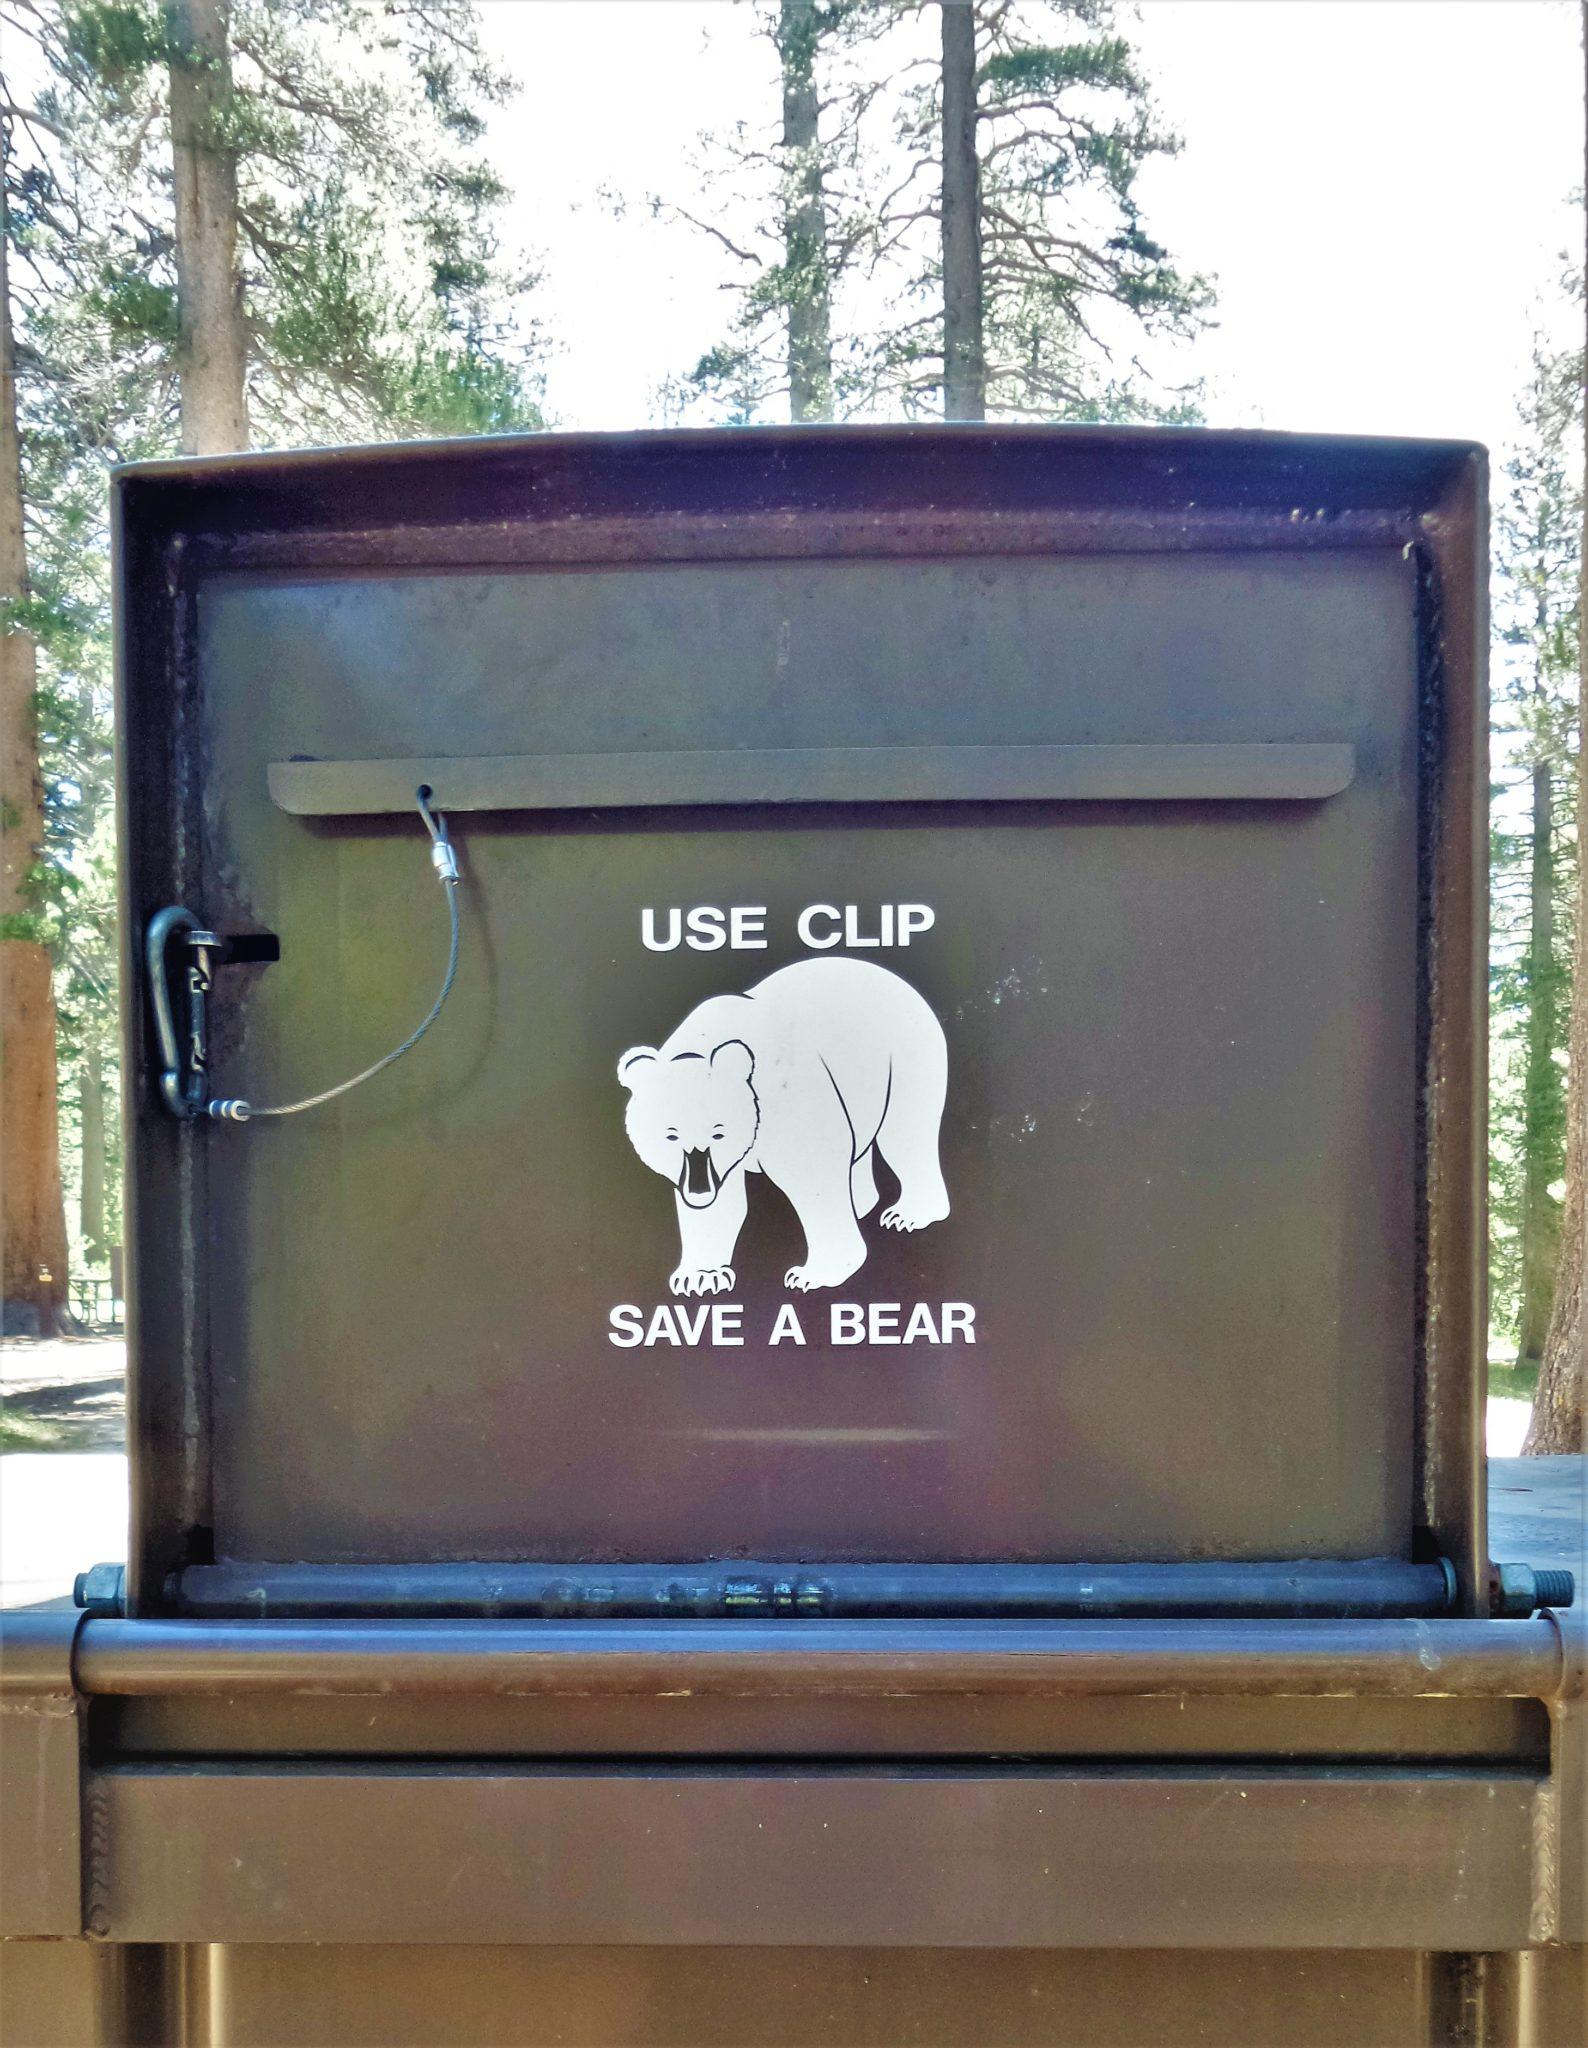 Use clip save a bear sign, Yosemite National Park, California, things to do at yosemite